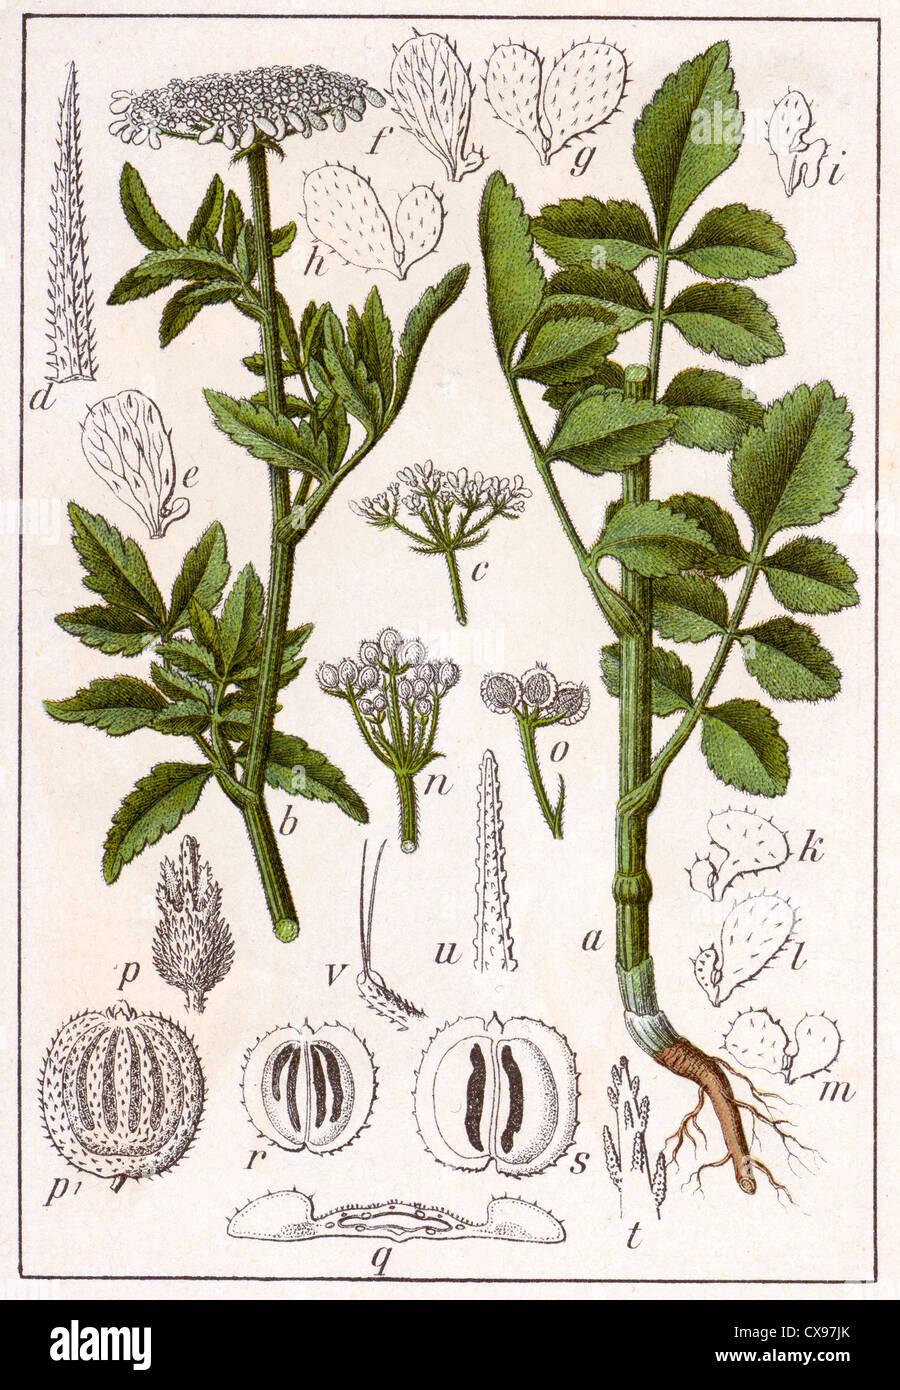 Tordylium maximum - Stock Image